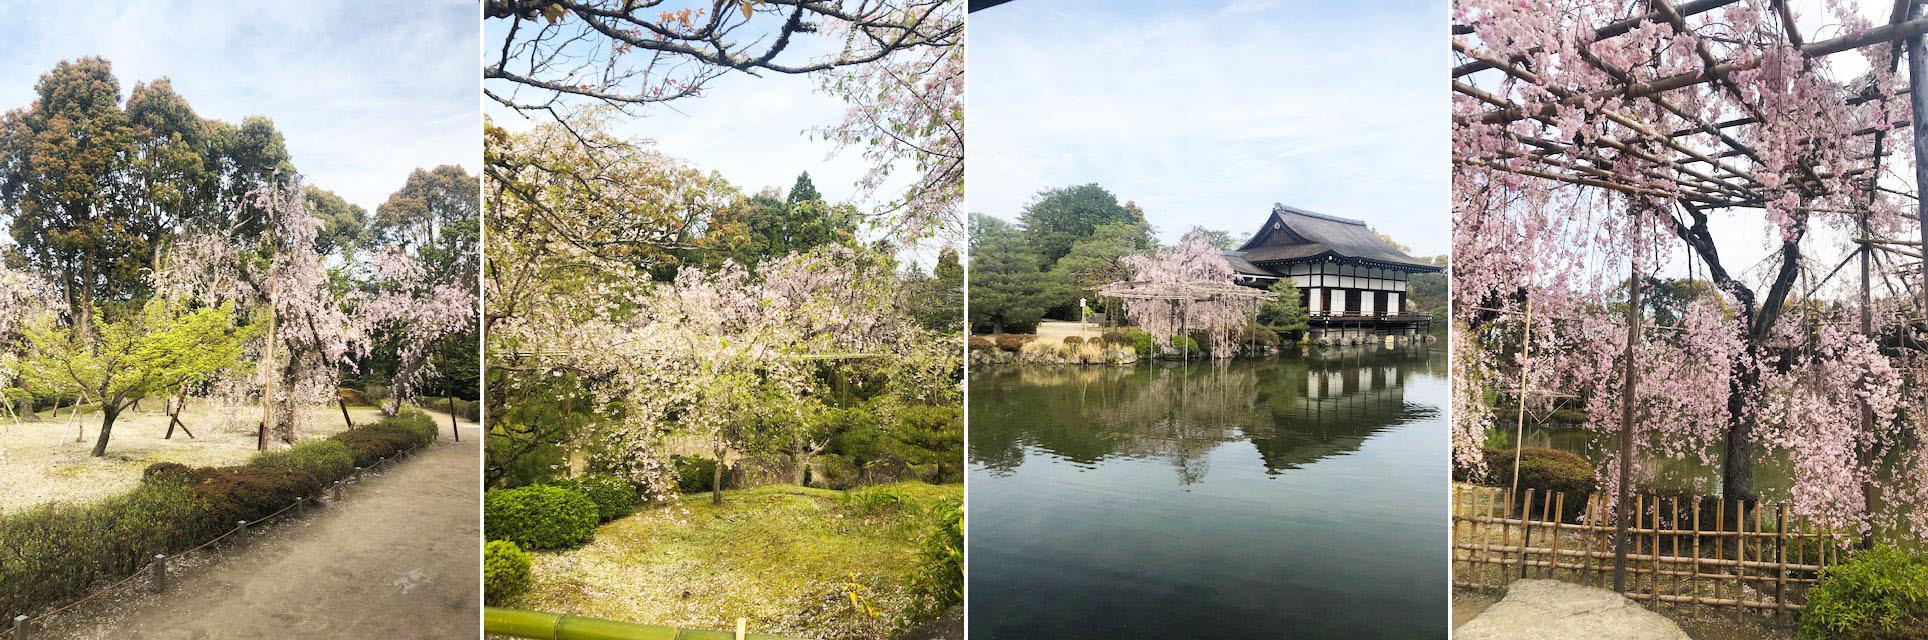 散りゆく桜も情趣あふれるもの。そして菖蒲や藤と移りゆく。_b0215856_14411128.jpg